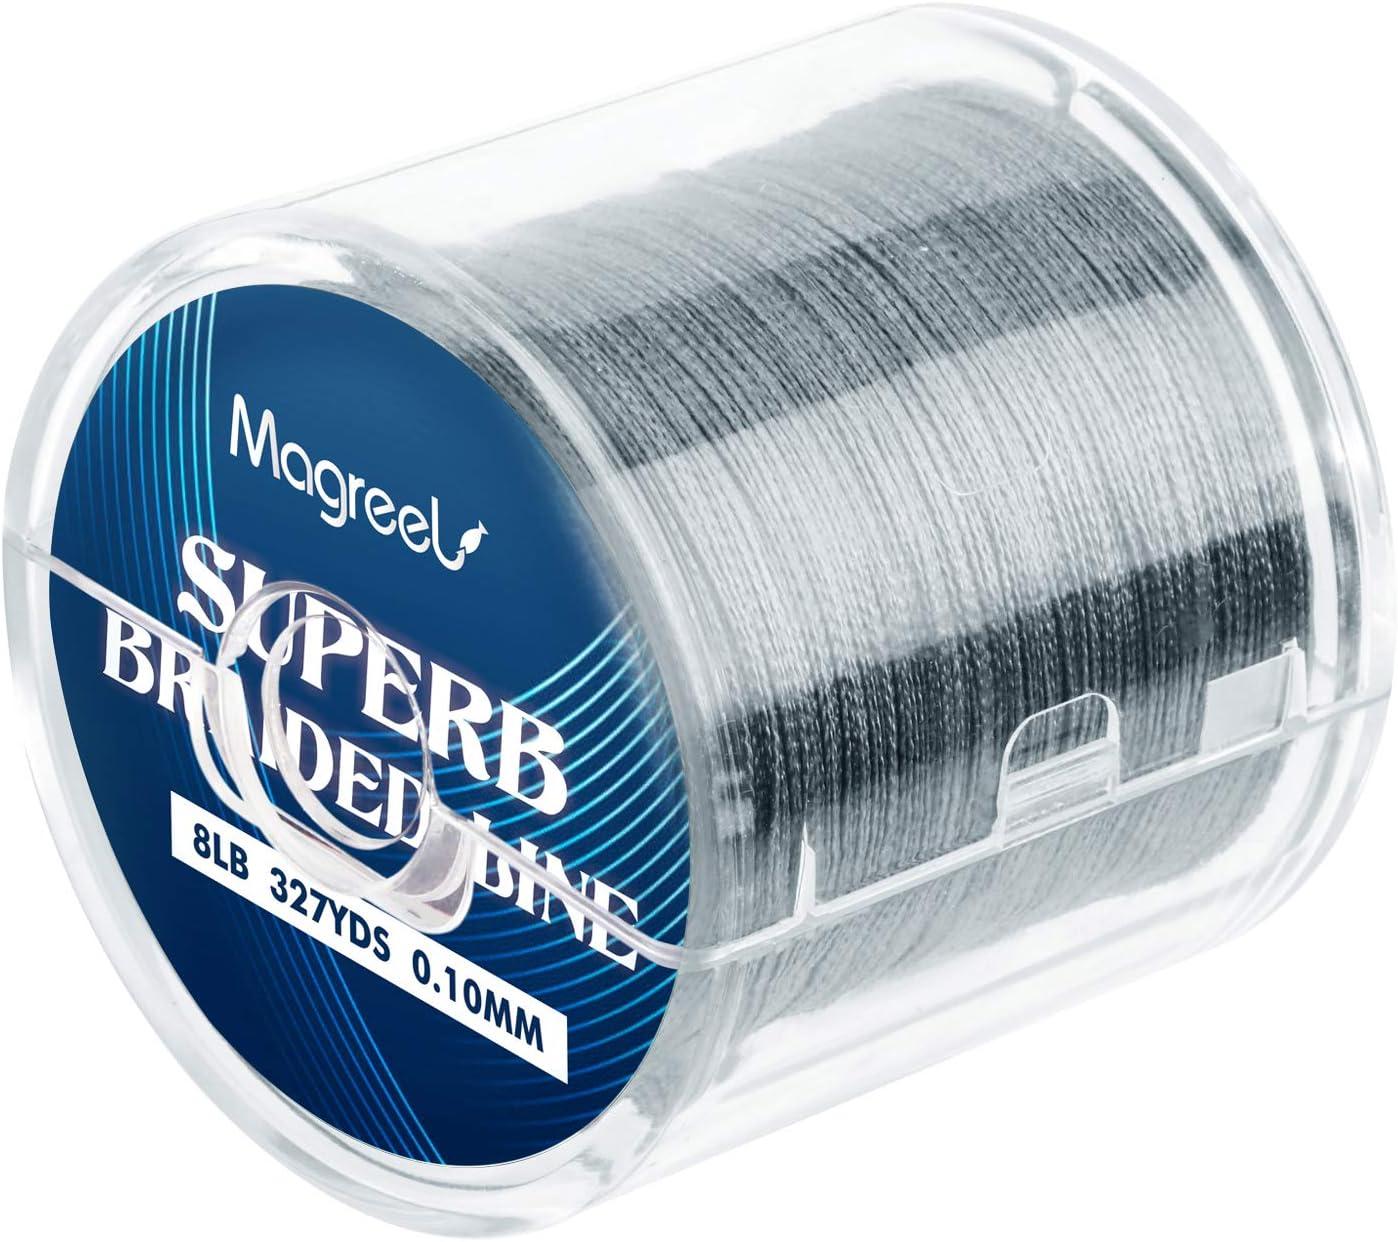 Magreel Braided Fishing Line for light reels